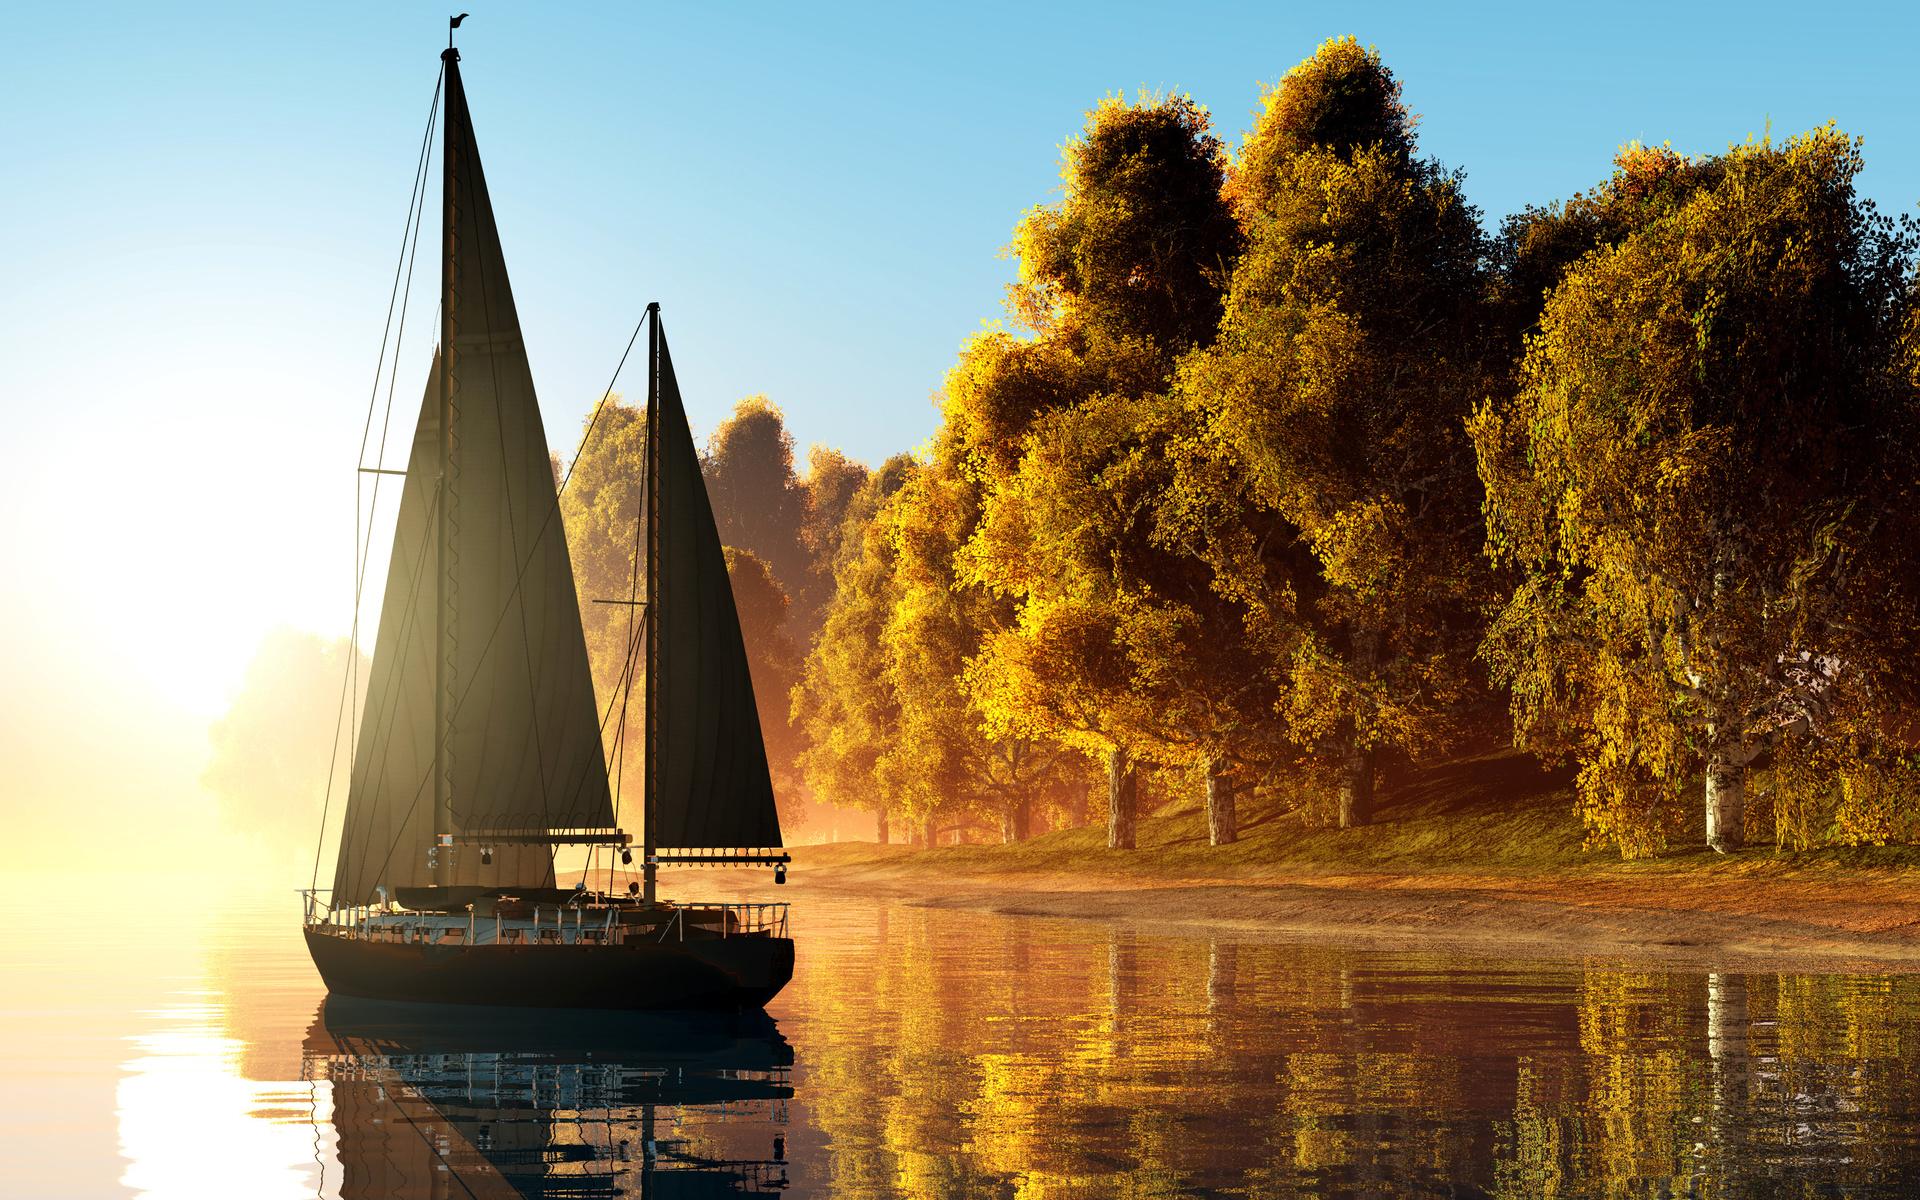 картинки хорошая лодка с парусами нагрудными